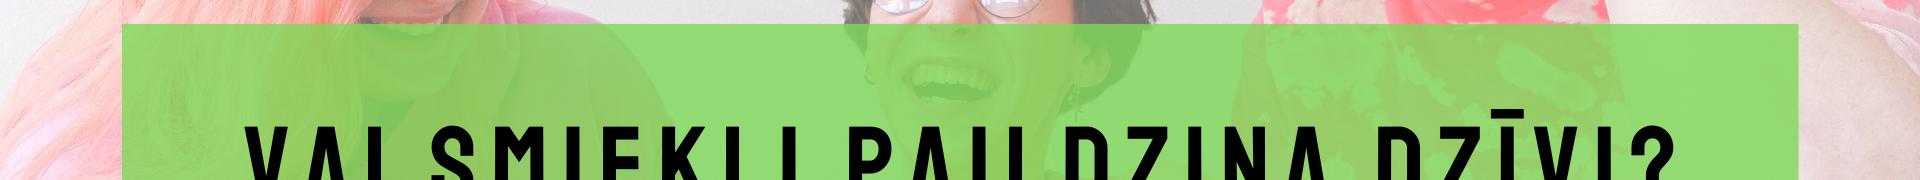 Stilīgs&Veselīgs: Vai smiekli paildzina dzīvi?